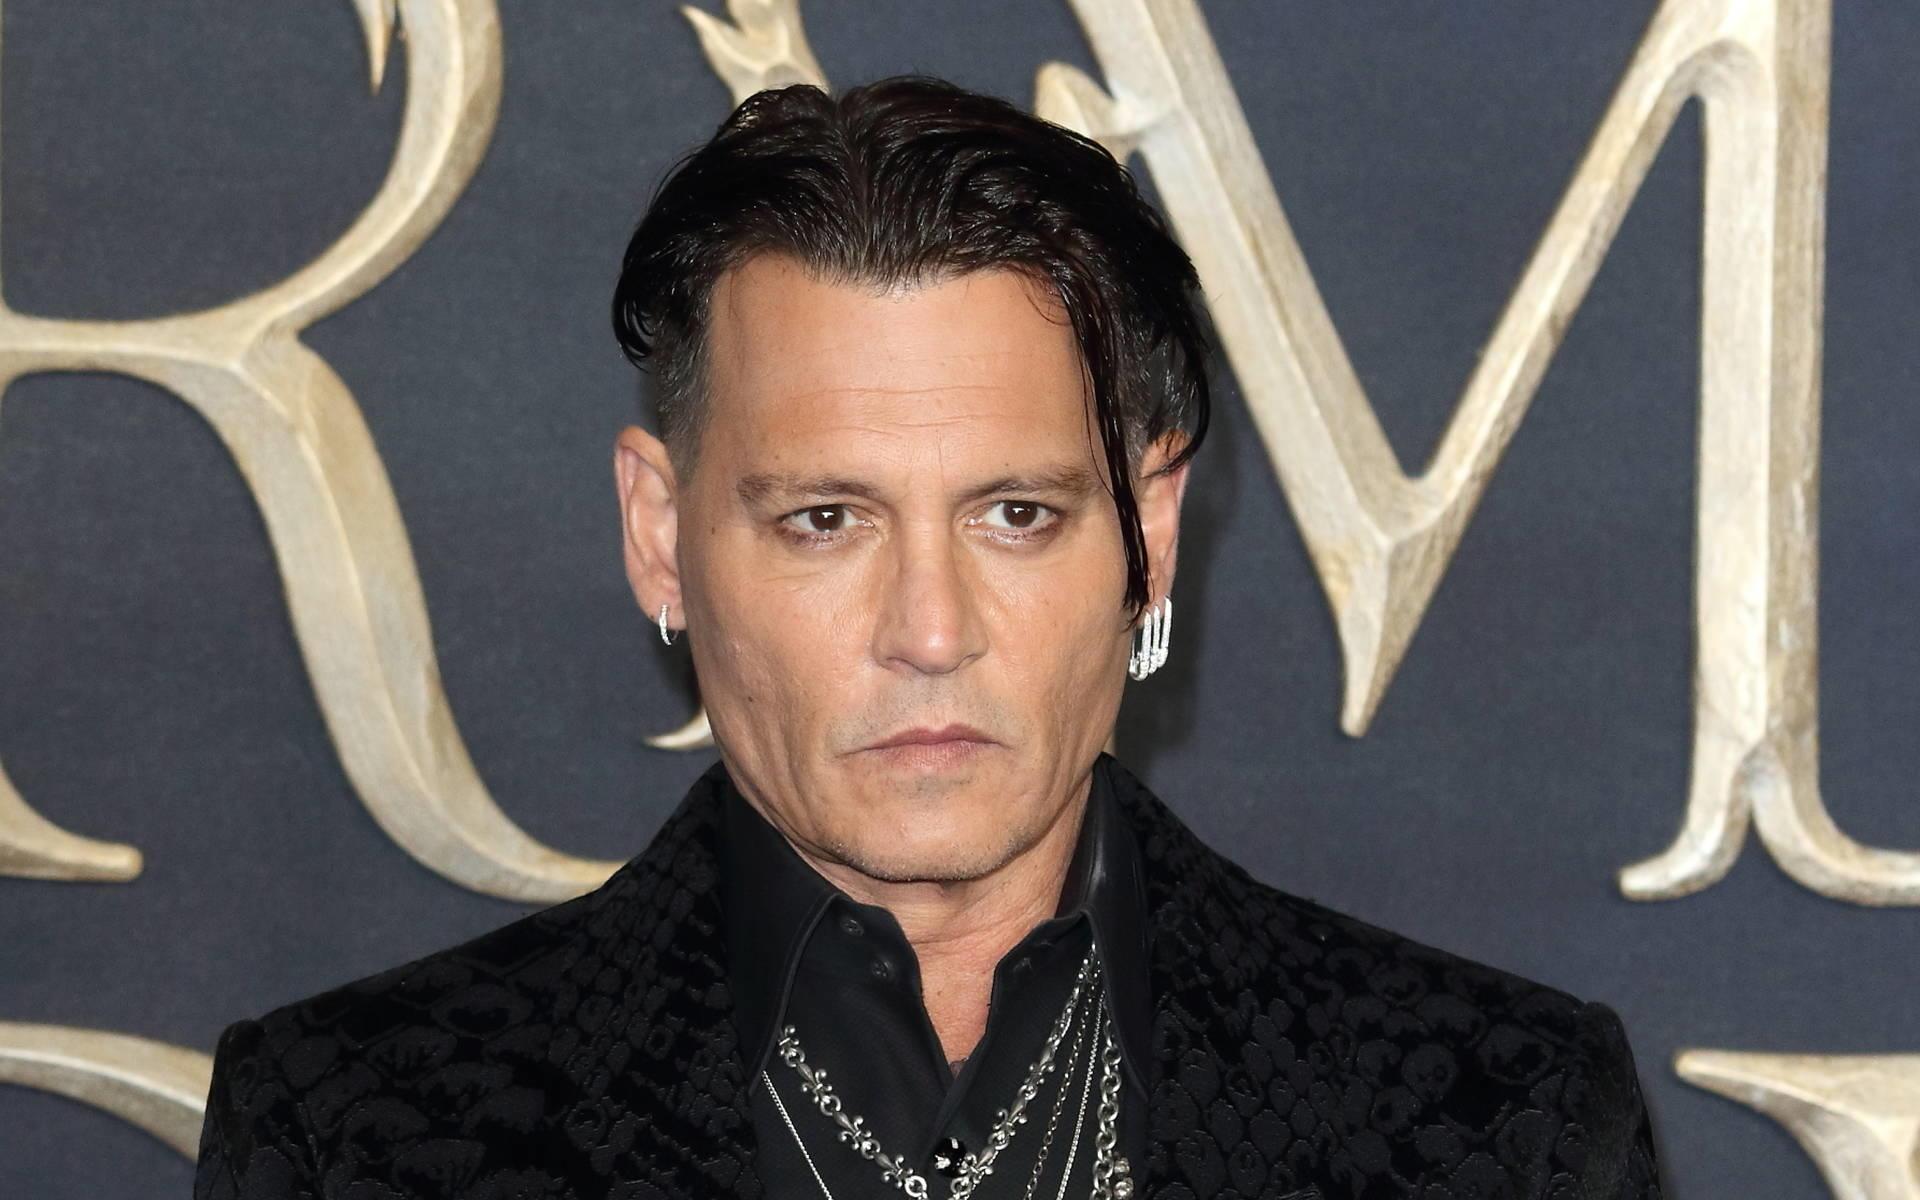 Nach Protesten: Dior-Kampagne mit Johnny Depp wird zurückgezogen - RTL Online